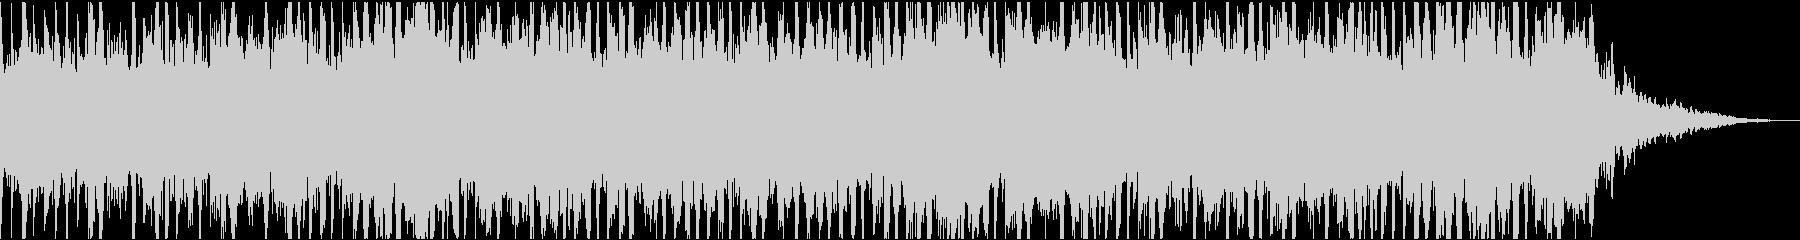 ナレーション、説明、解説用のBGMですの未再生の波形